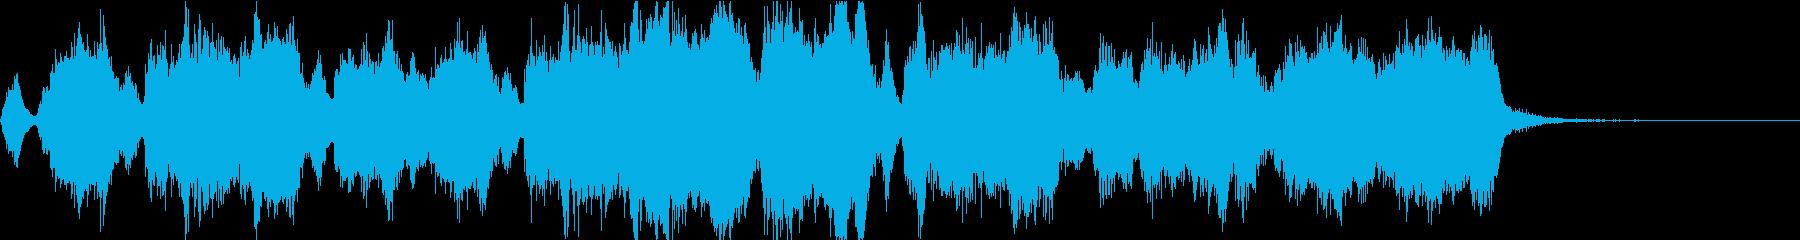 スポーツ向け金管アンサンブルのジングルの再生済みの波形